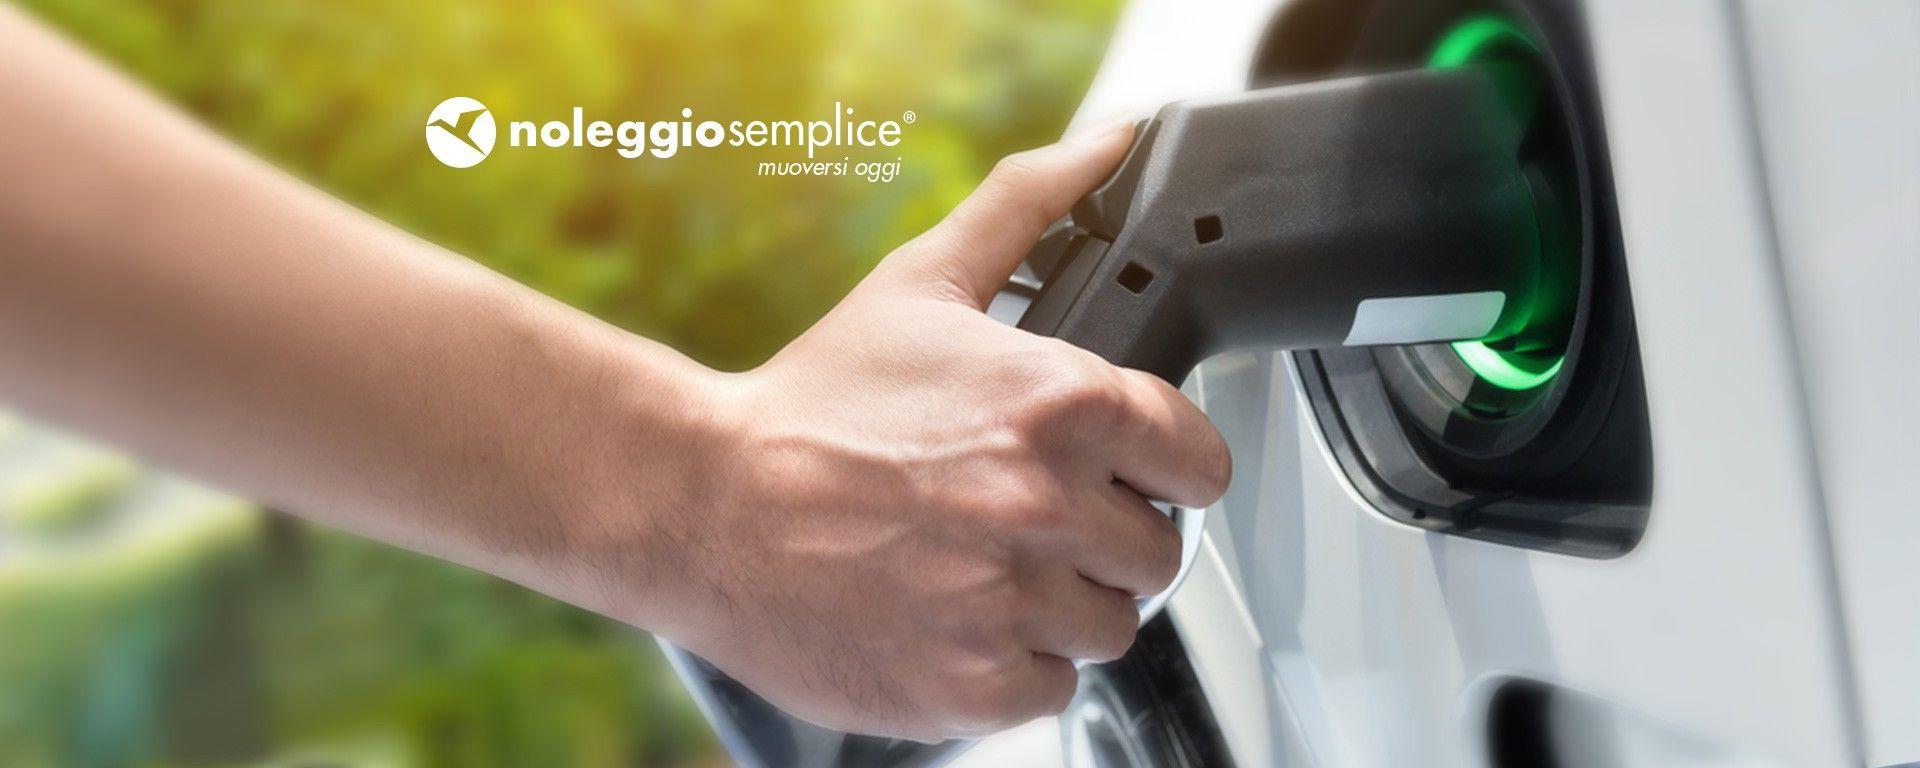 Auto Ibride: sempre più italiani scelgono auto eco-friendly